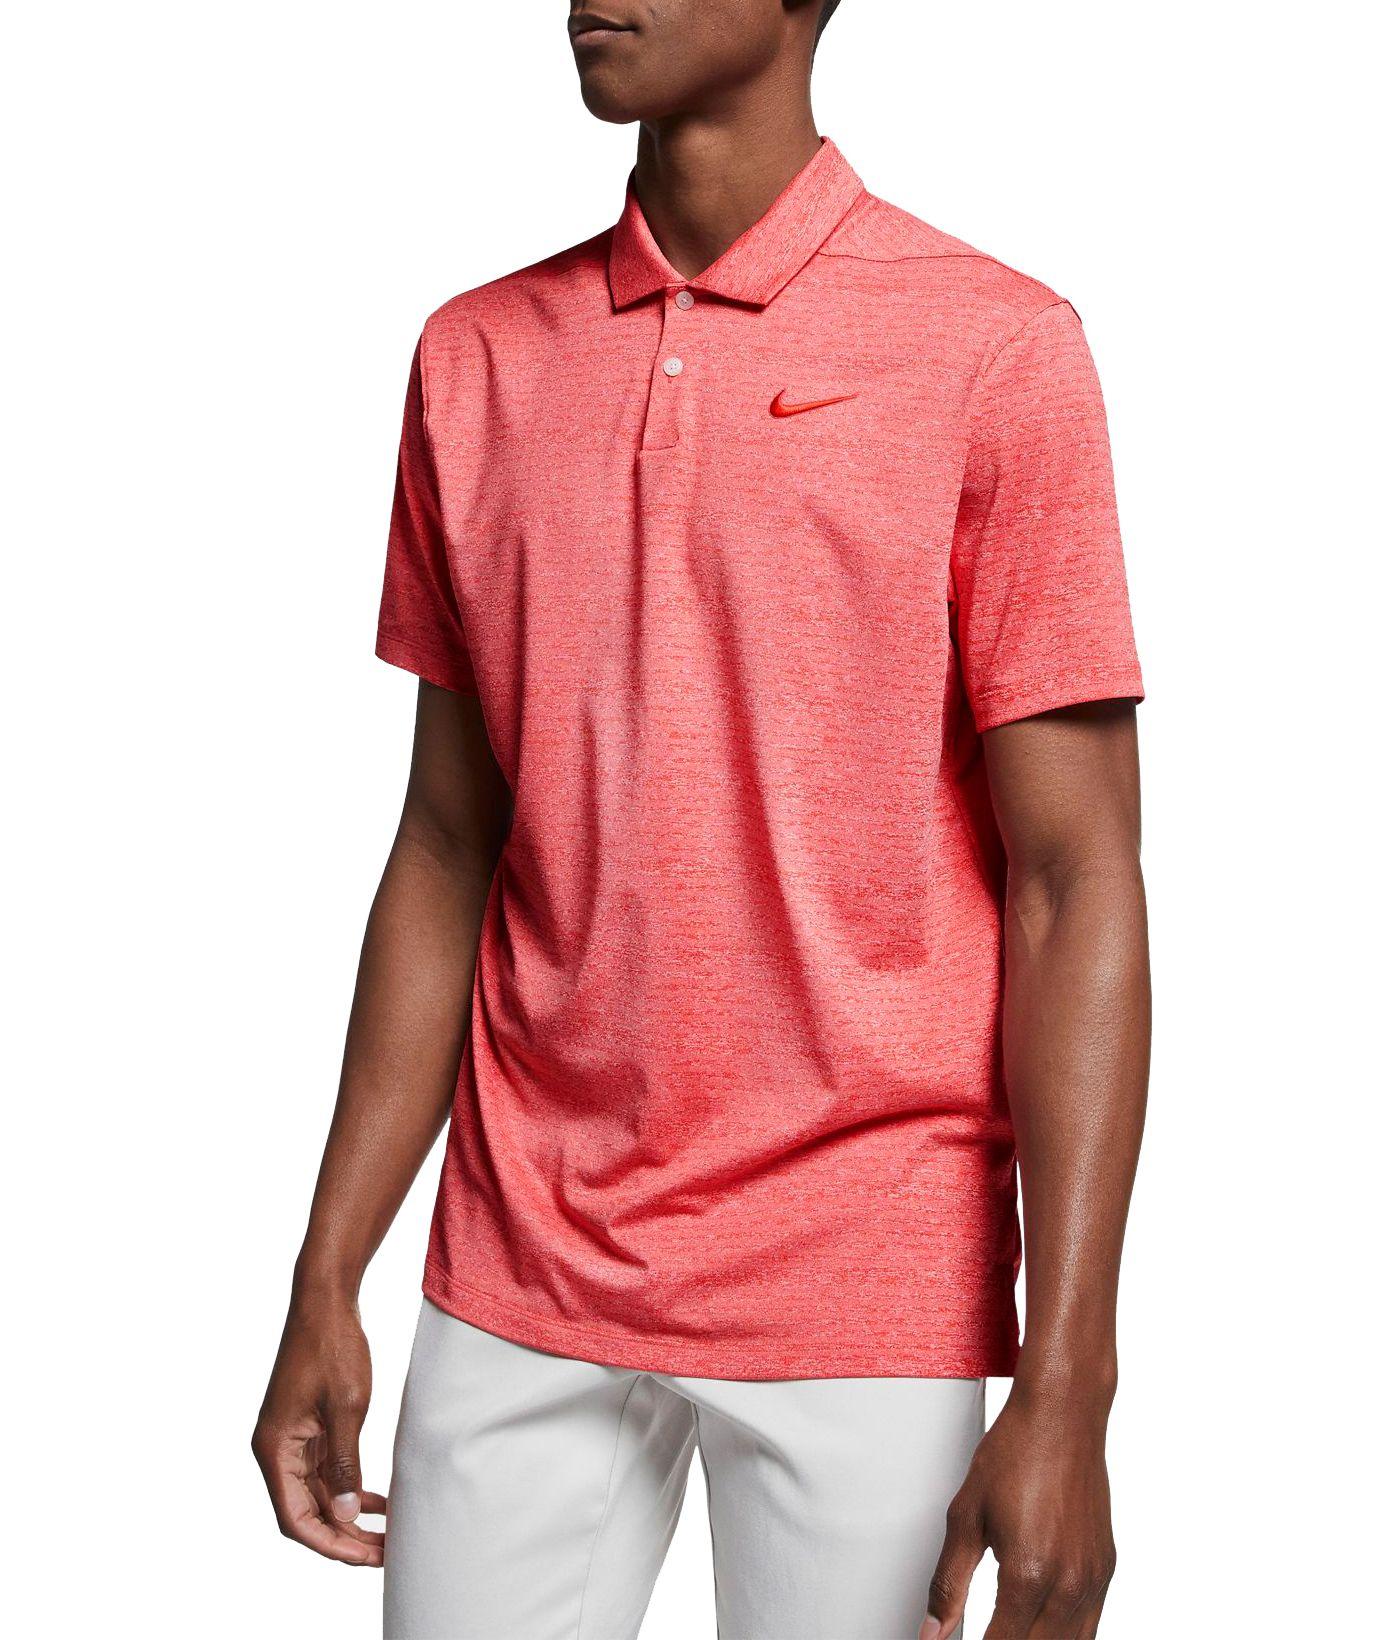 Nike Men's Vapor Heather Golf Polo